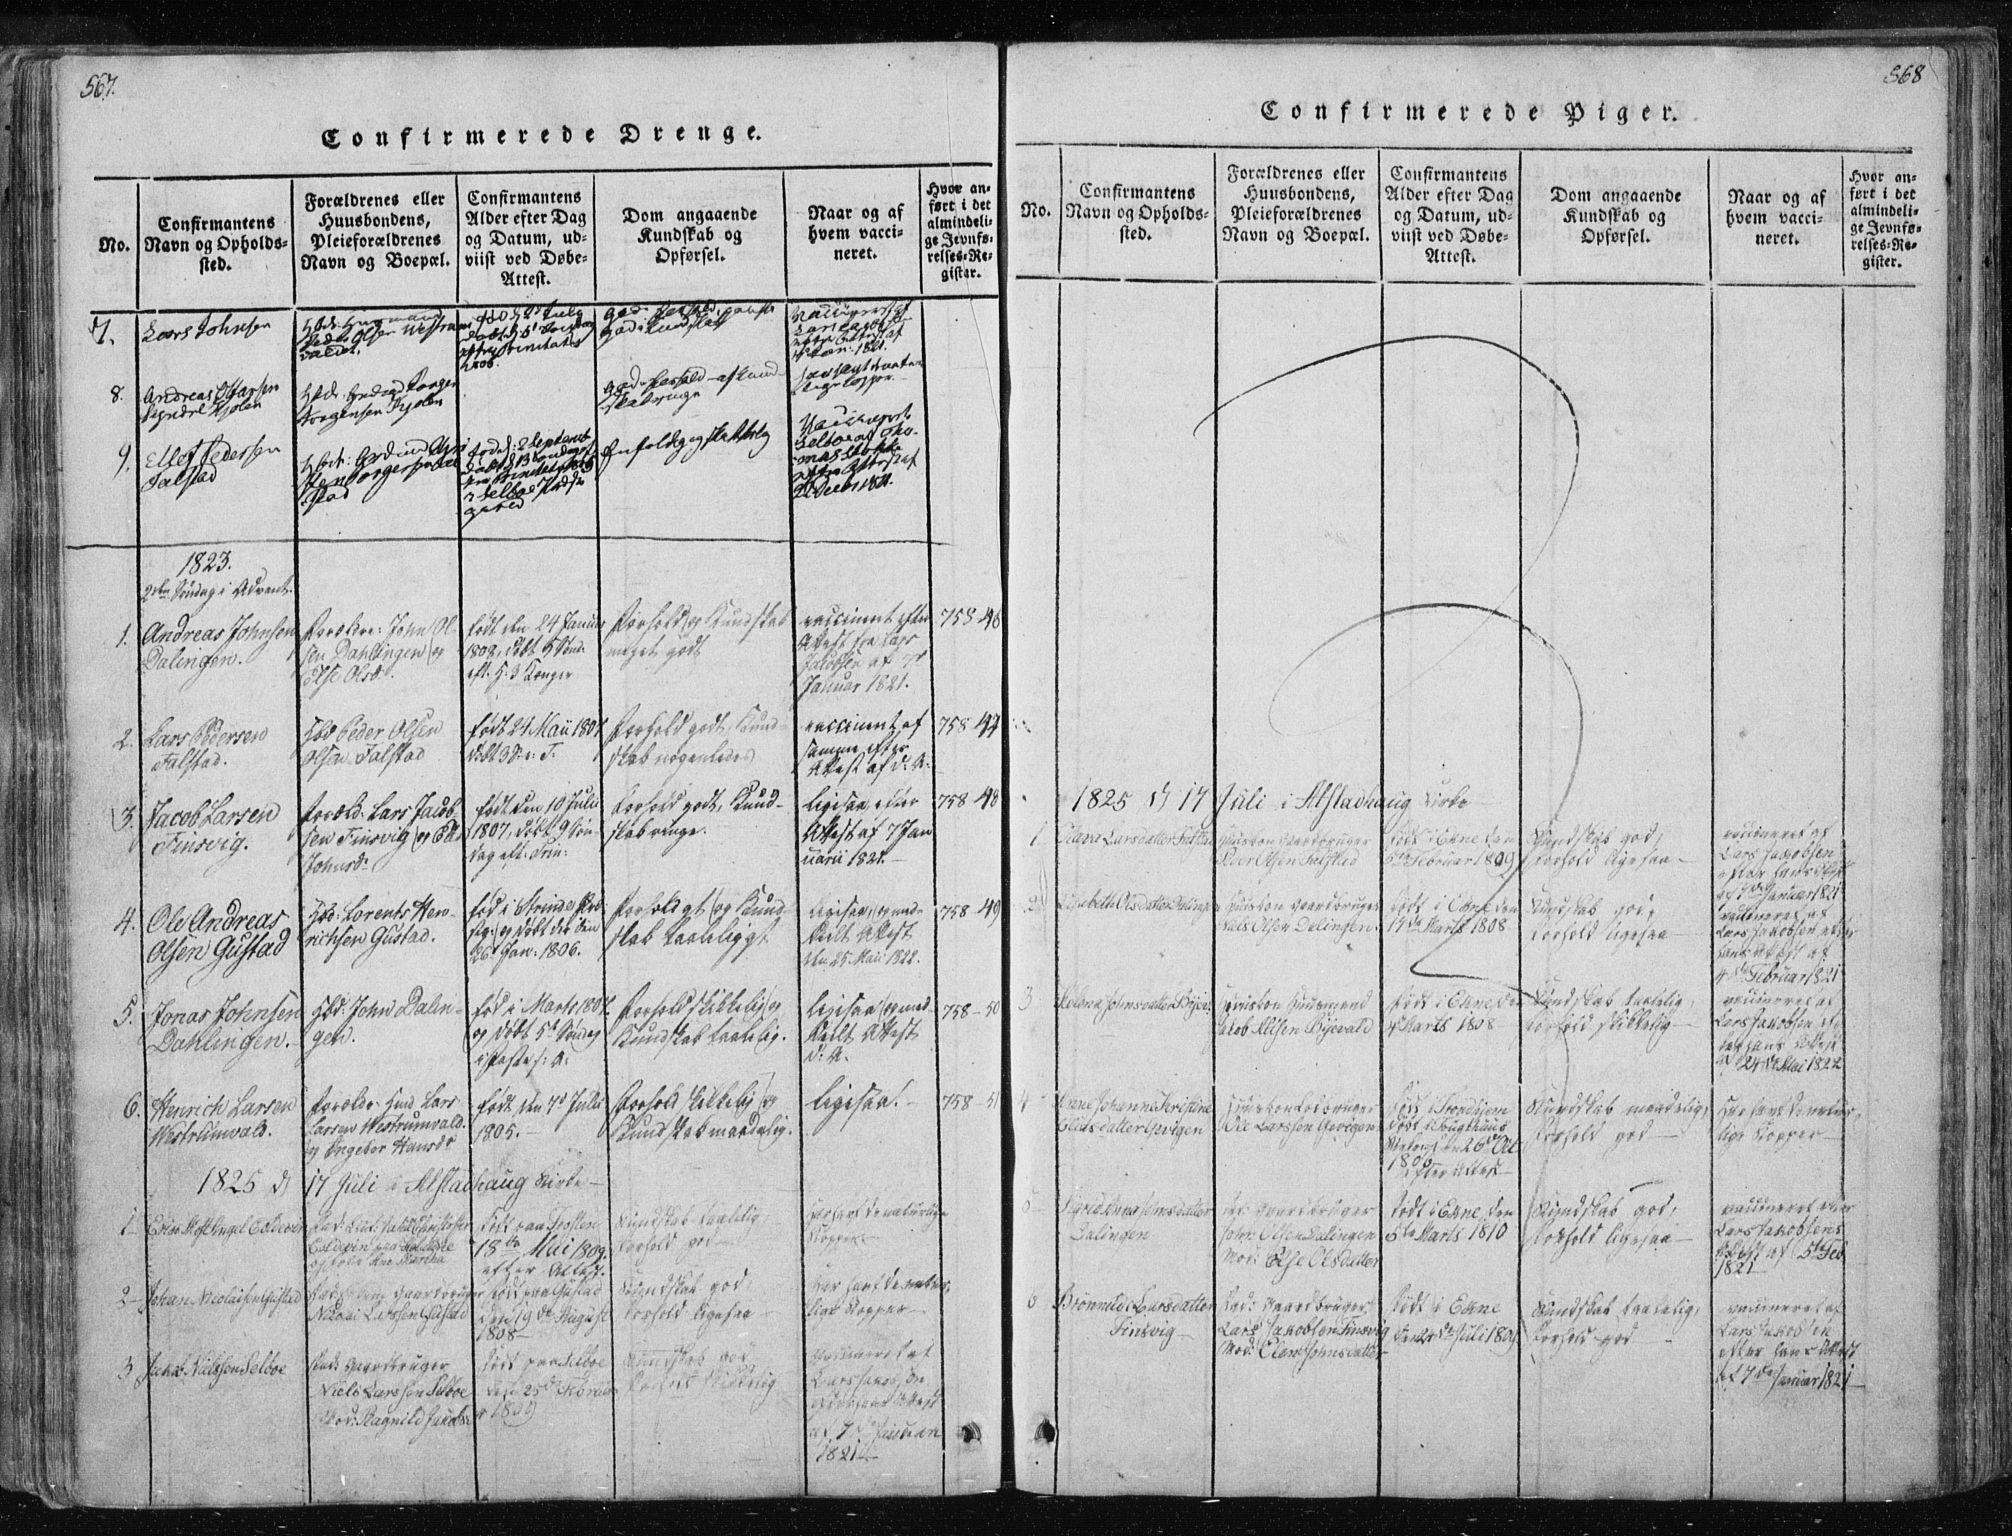 SAT, Ministerialprotokoller, klokkerbøker og fødselsregistre - Nord-Trøndelag, 717/L0148: Ministerialbok nr. 717A04 /3, 1816-1825, s. 567-568